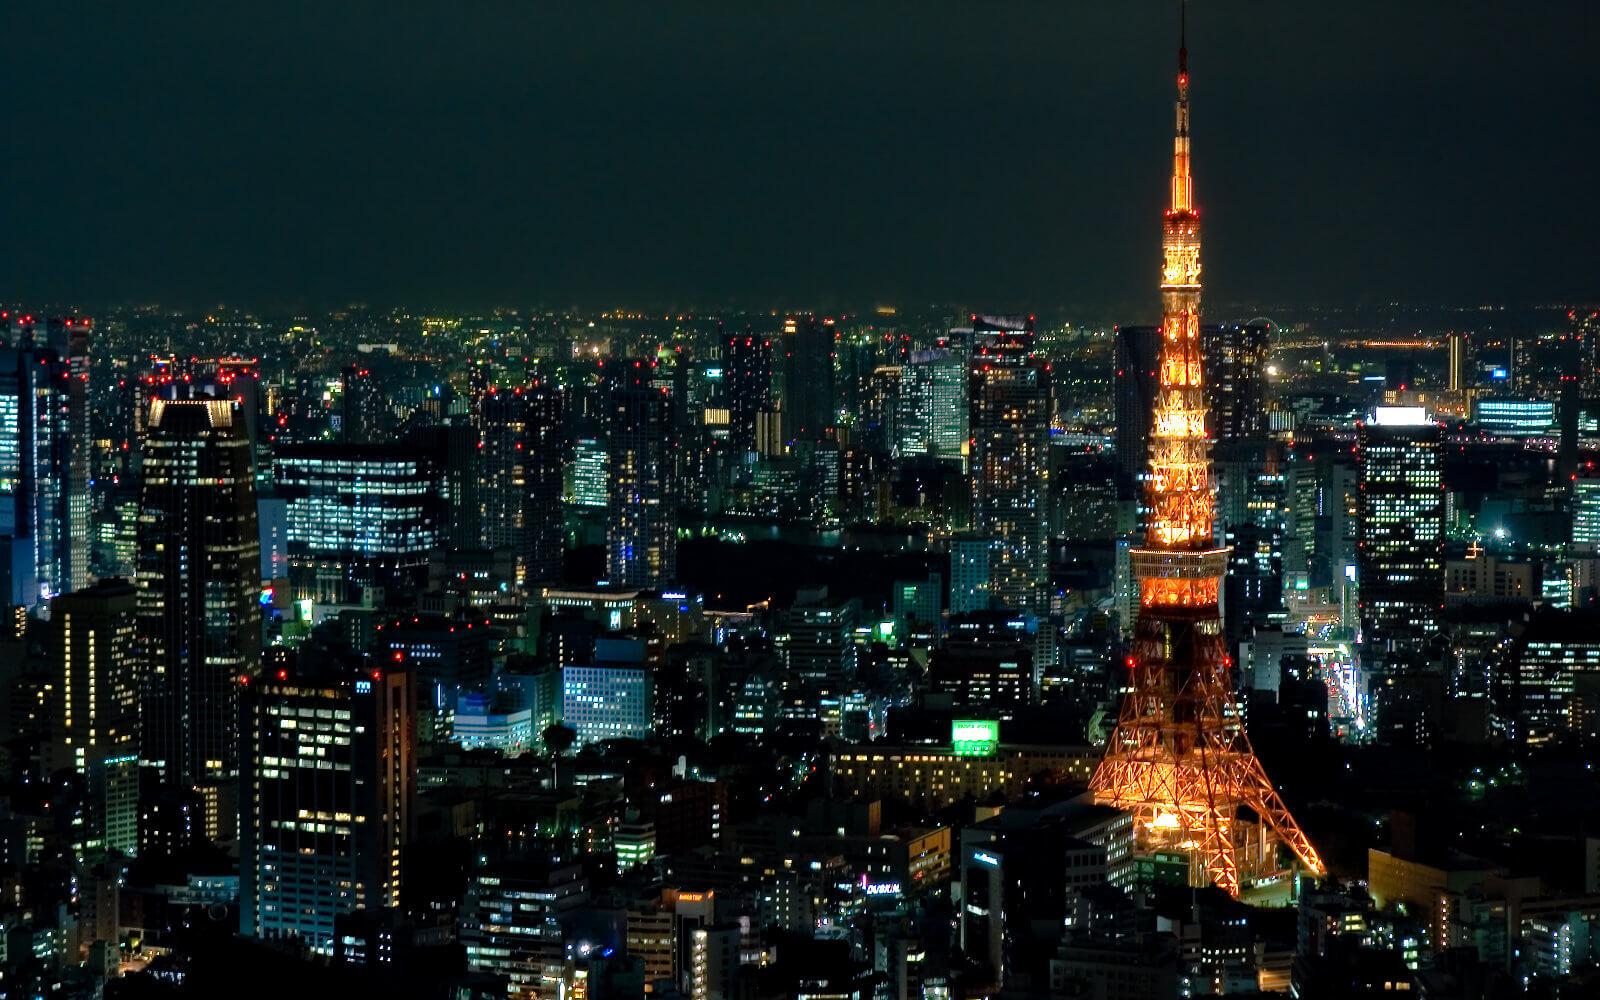 Silvester feiern in Übersee: Tokyo bei Nacht